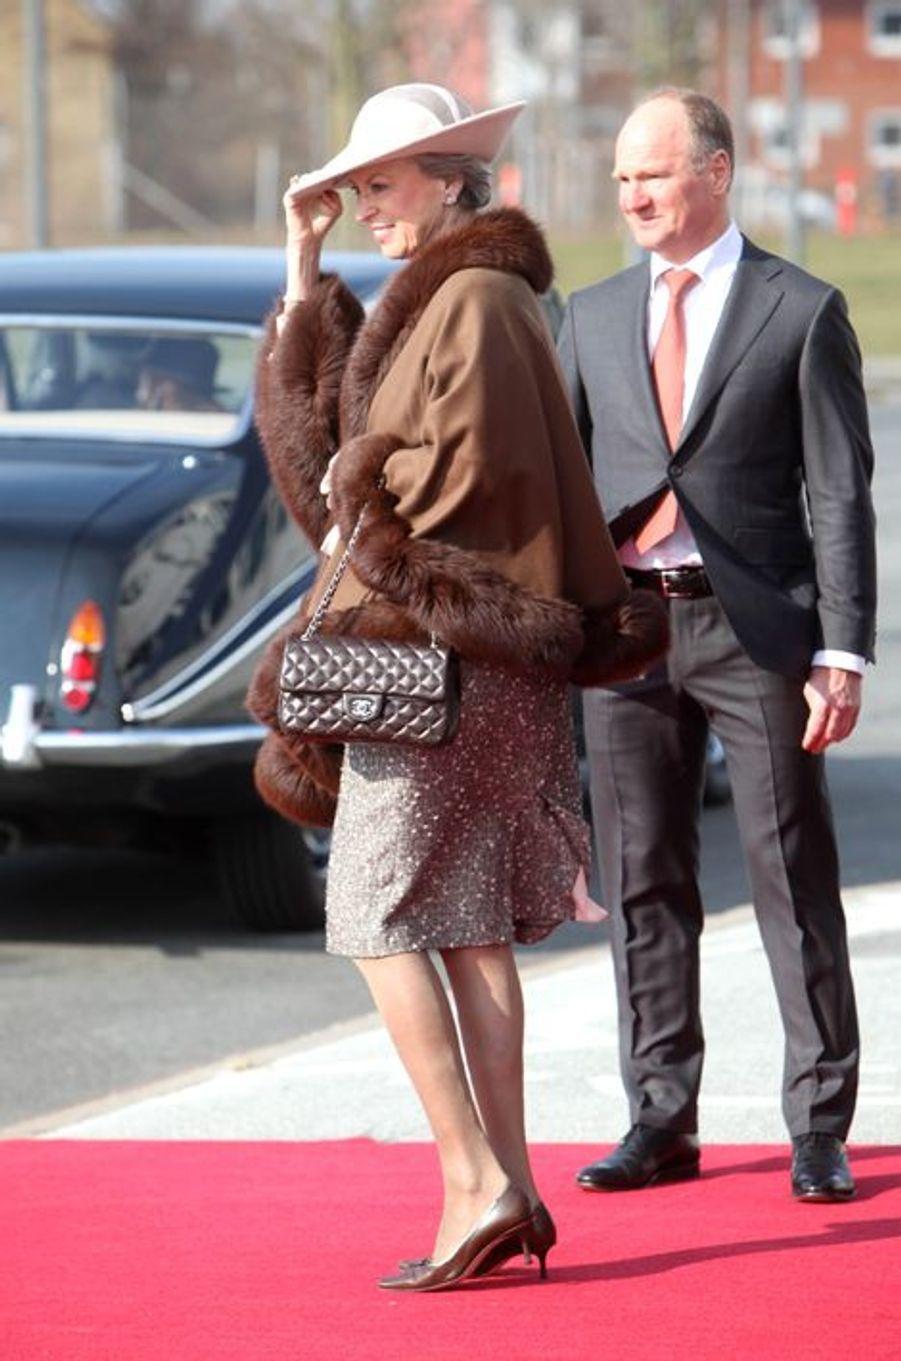 La princesse Benedikte de Danemark à l'aéroport de Copenhague, le 17 mars 2015